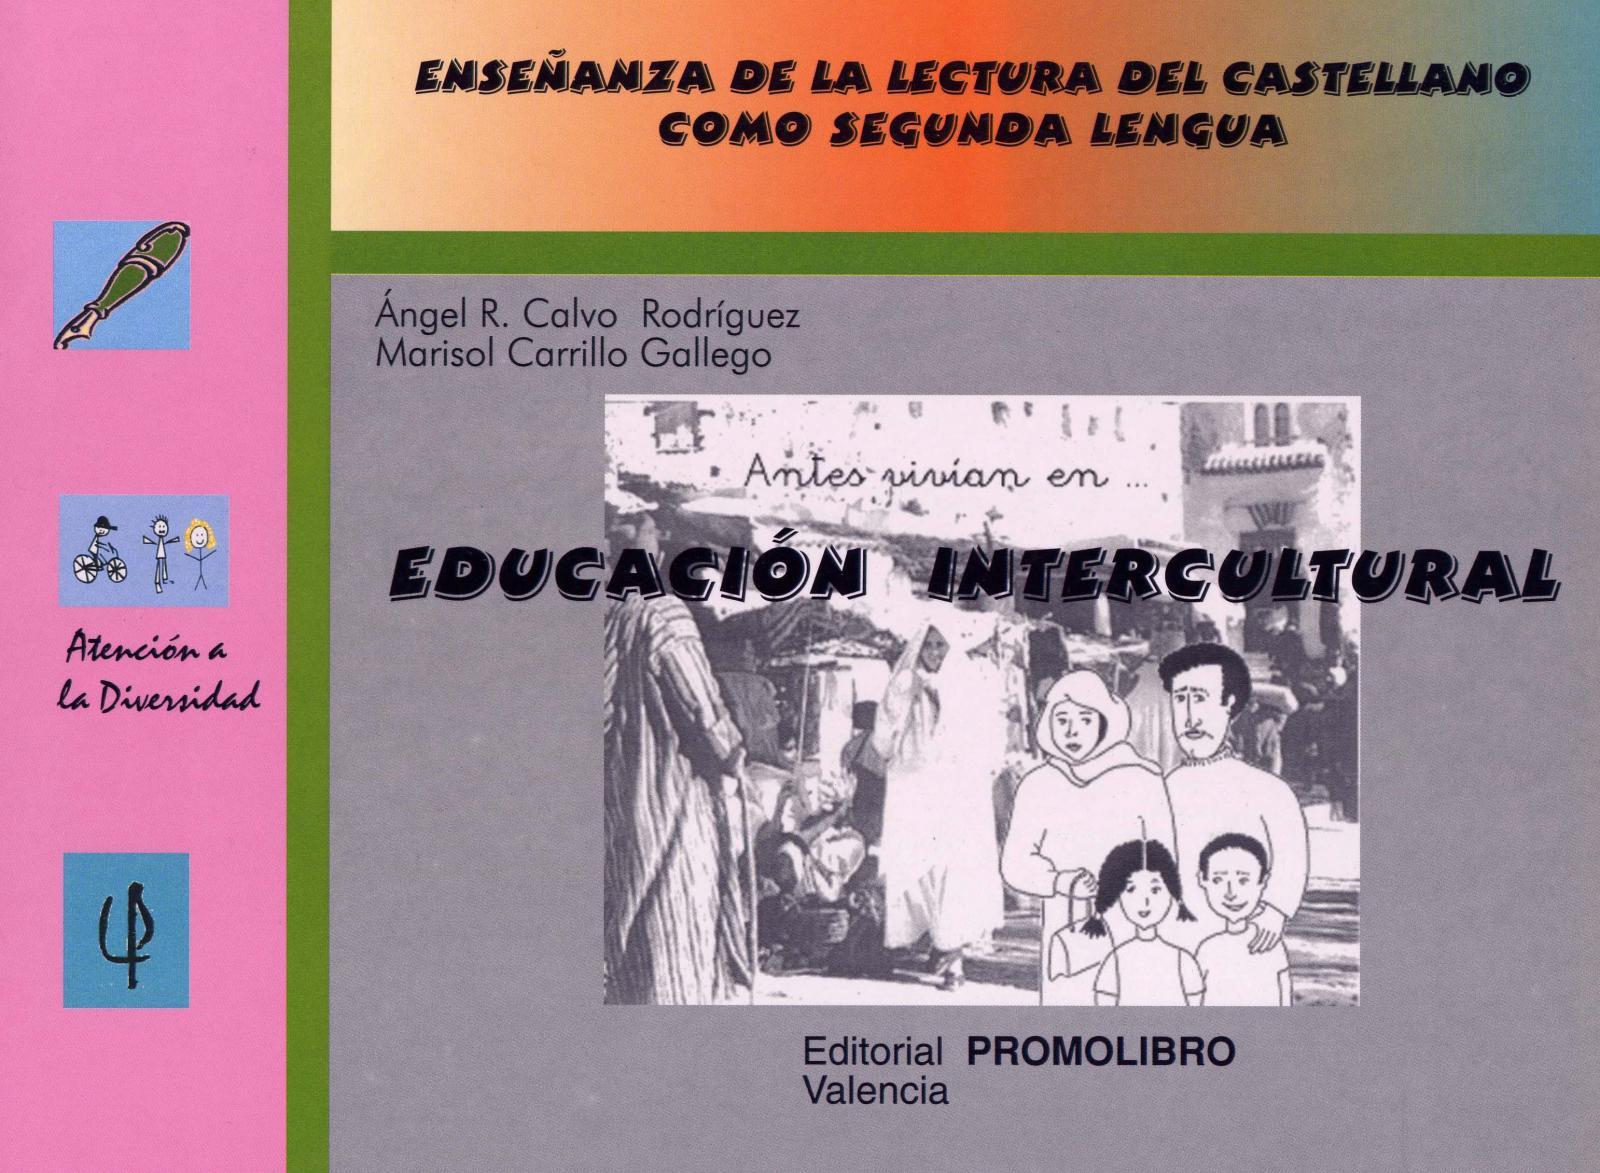 085.- EDUCACIÓN INTERCULTURAL. Enseñanza de la lectura del castellano como segunda lengua.